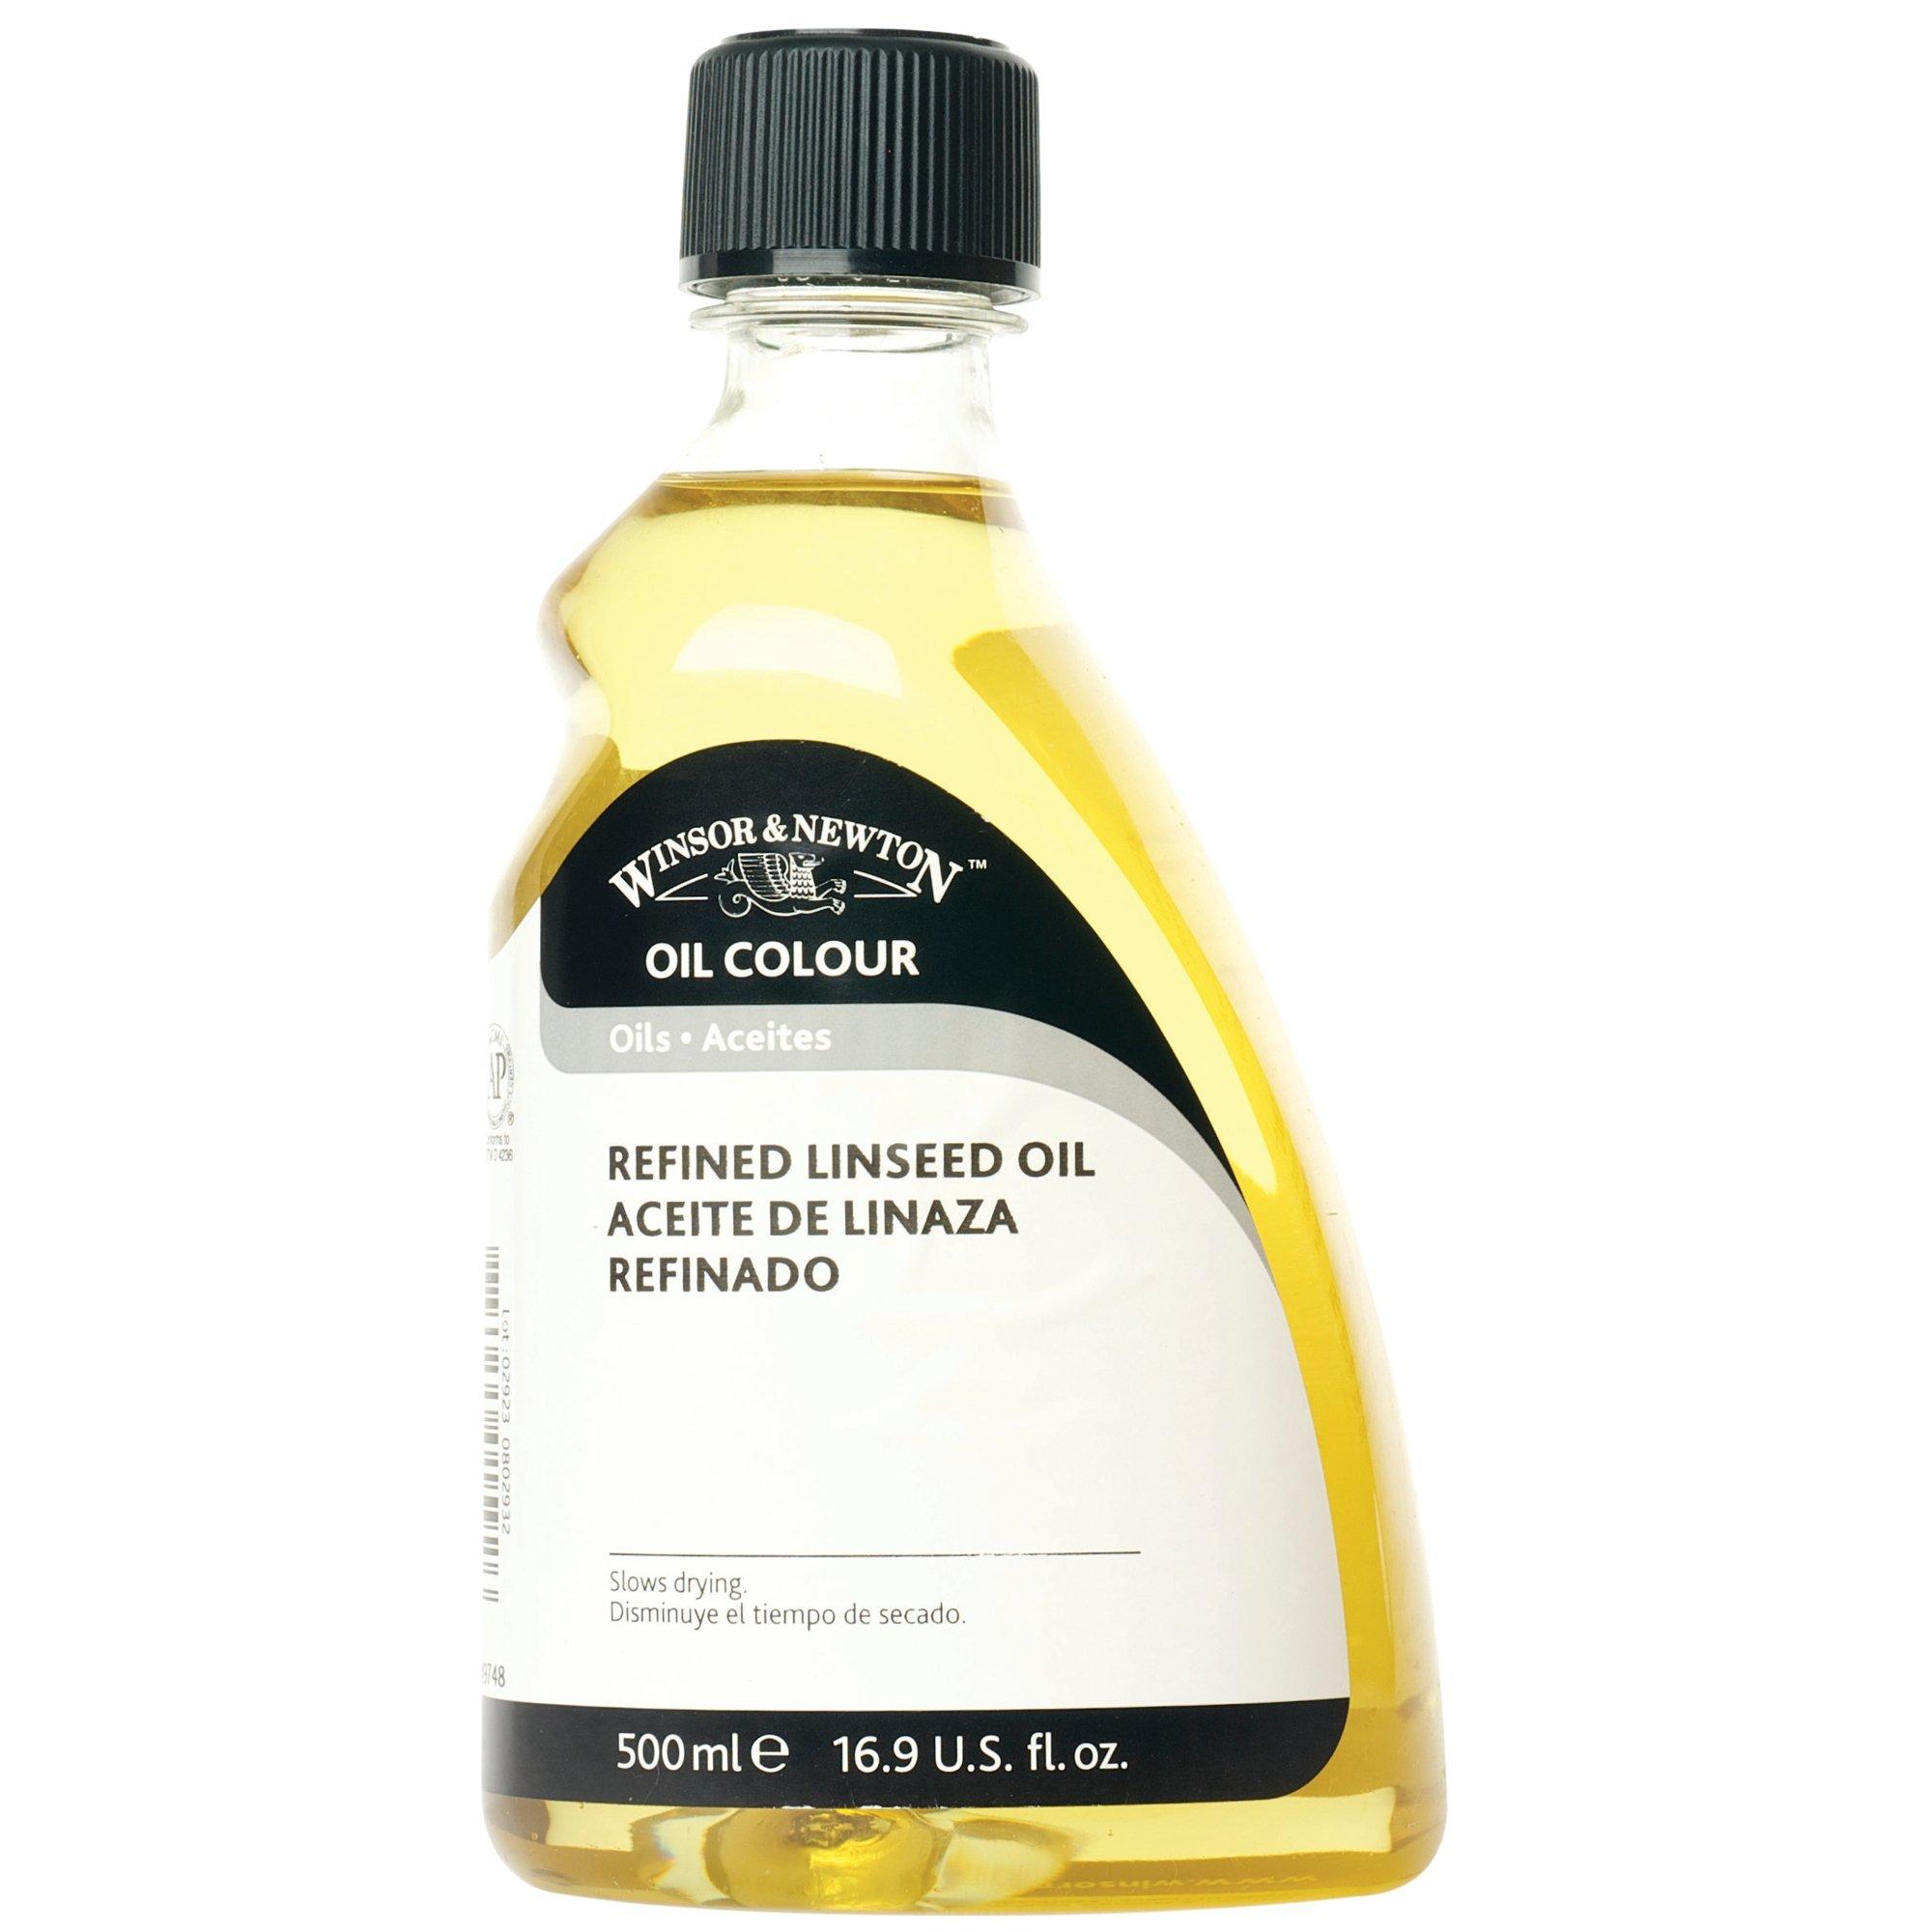 Winsor & Newton Refined Linseed Oil, 500ml by Winsor & Newton